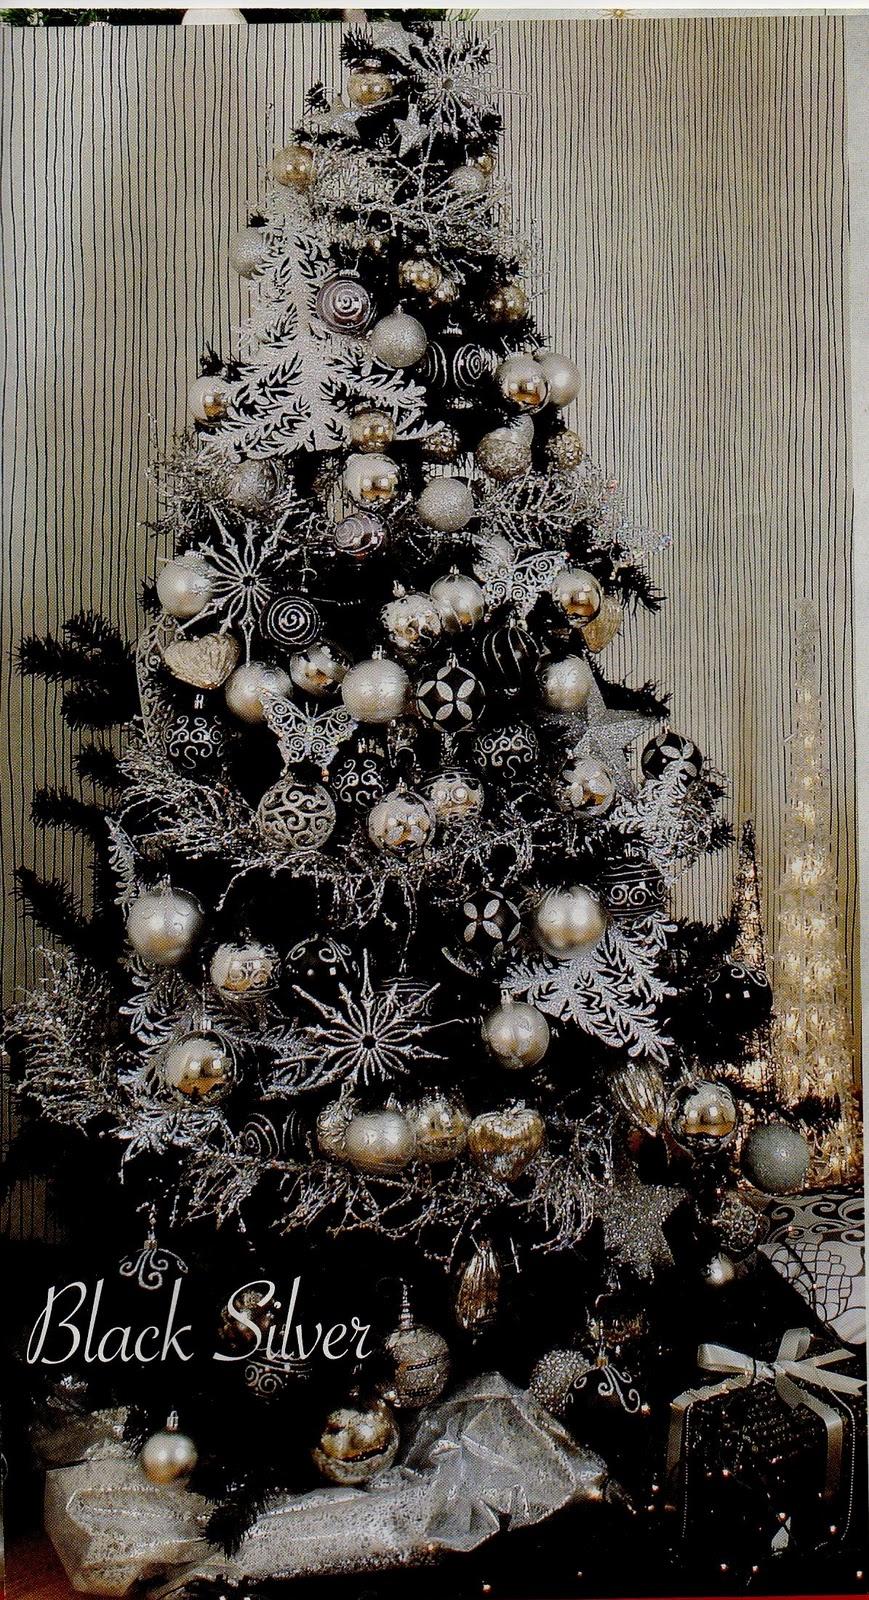 decoracao de arvore de natal azul e prata : decoracao de arvore de natal azul e prata:Liga das Acácias: História e significado da árvore de Natal